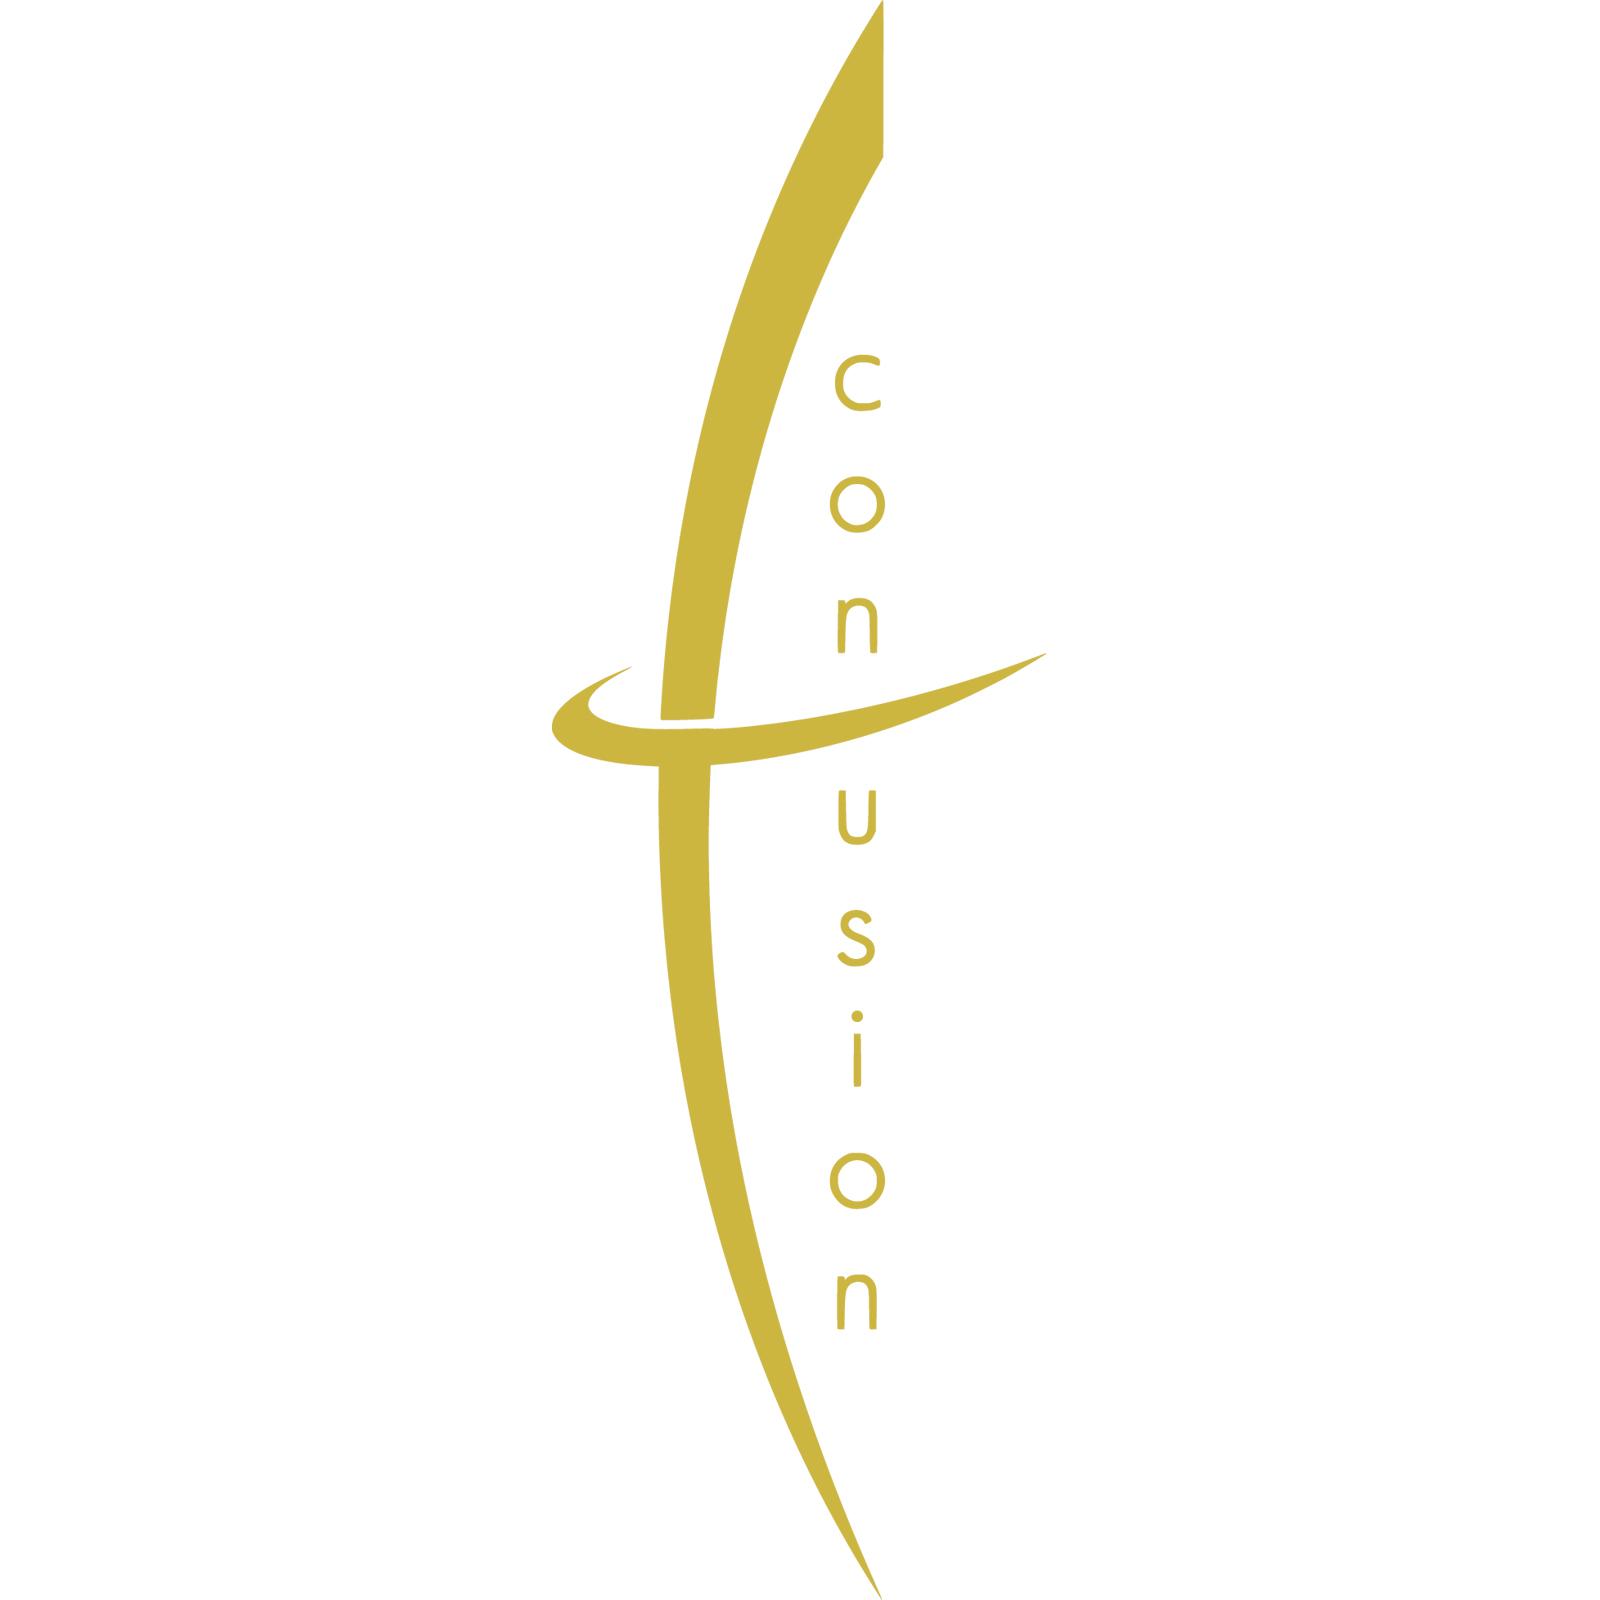 design marchio conFusion